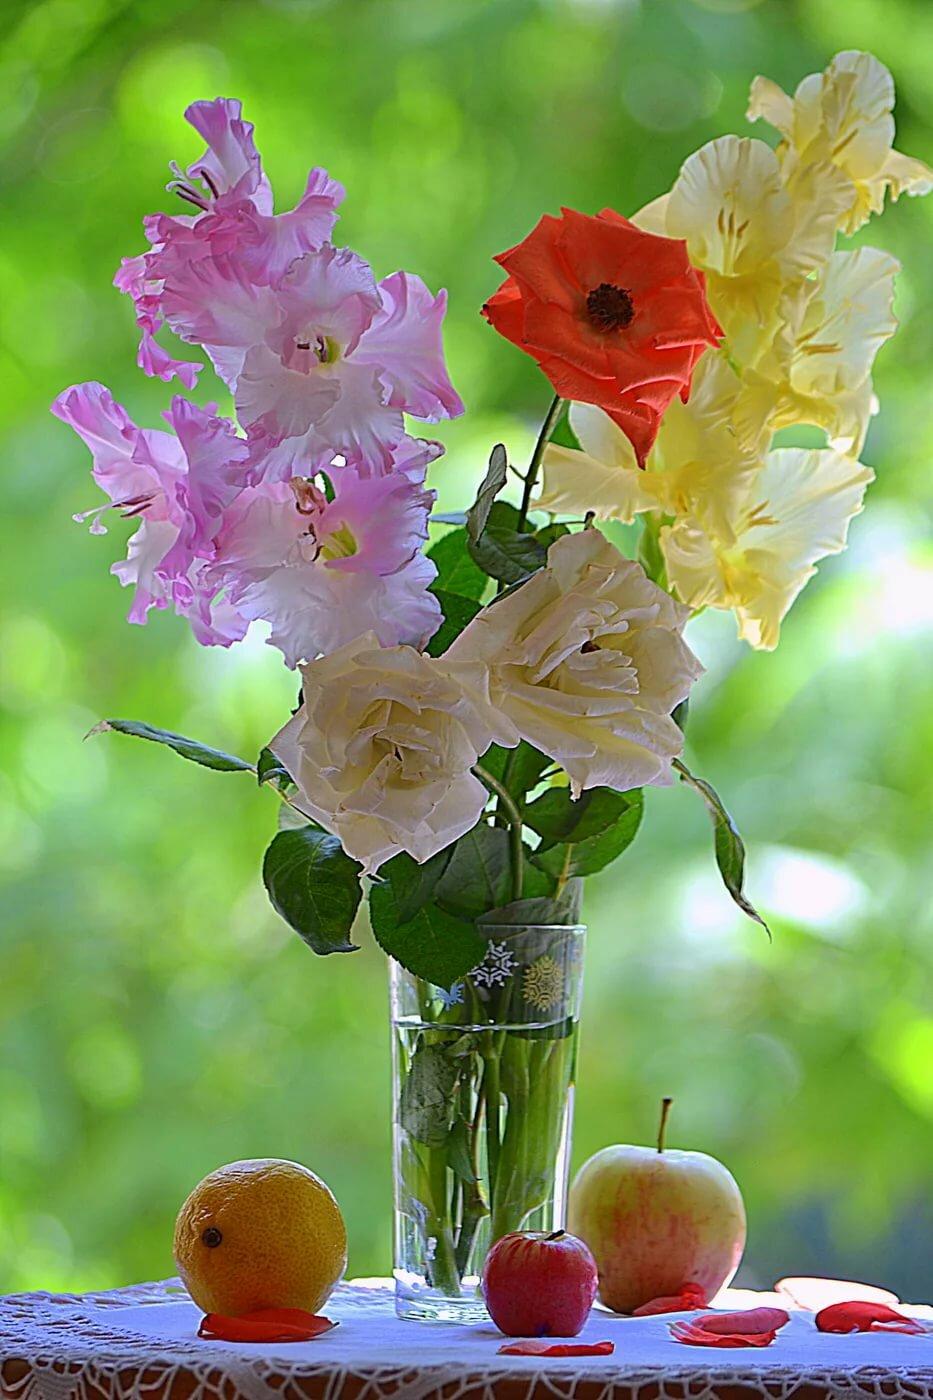 самом картинка вертикальная цветы доброе утро расположена степной центрально-западной